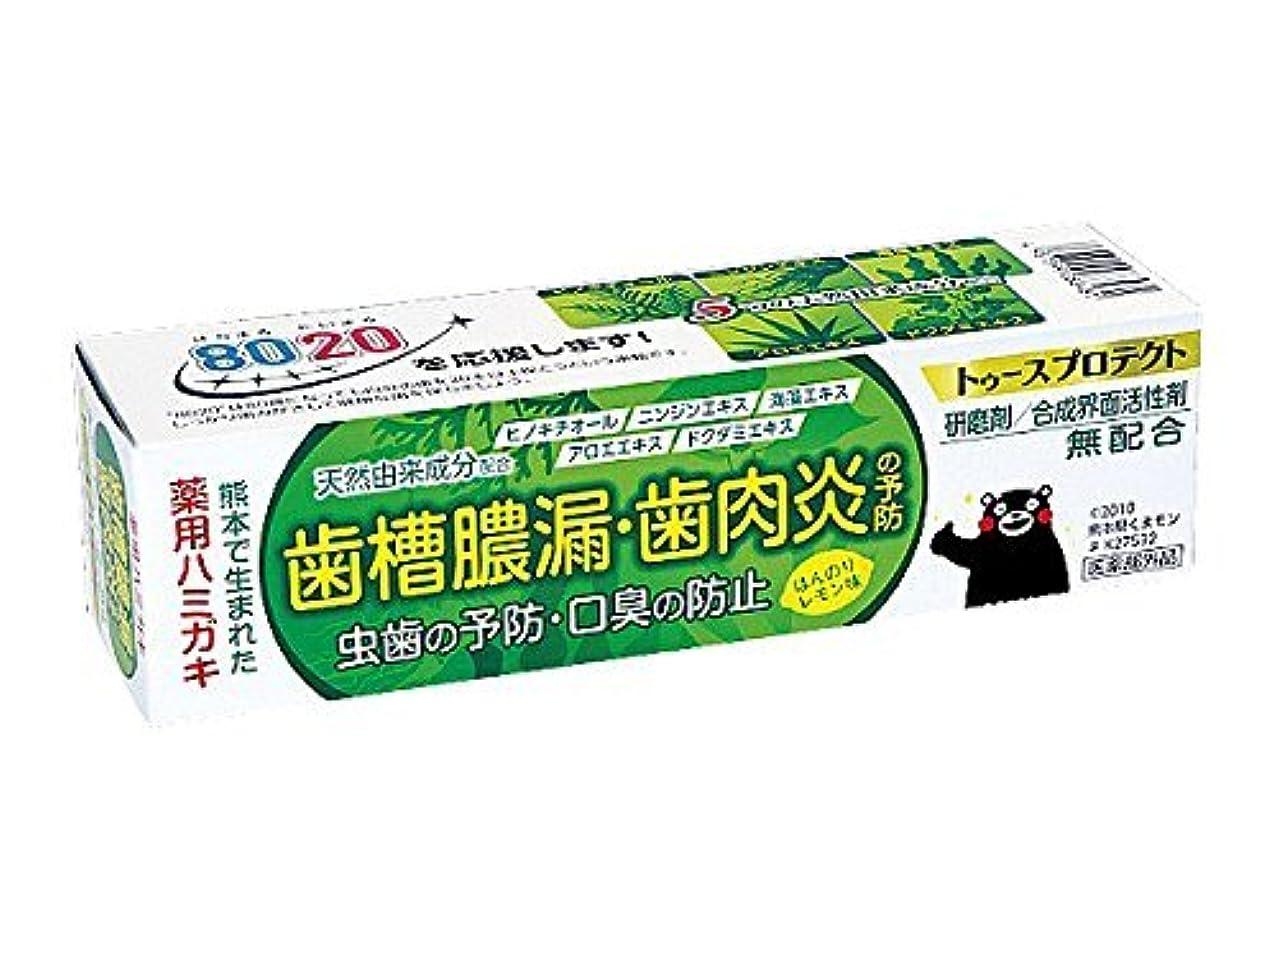 関係数つかの間【5個セット】 薬用ハミガキ トゥースプロテクト ほんのりレモン味 100g×5個セット